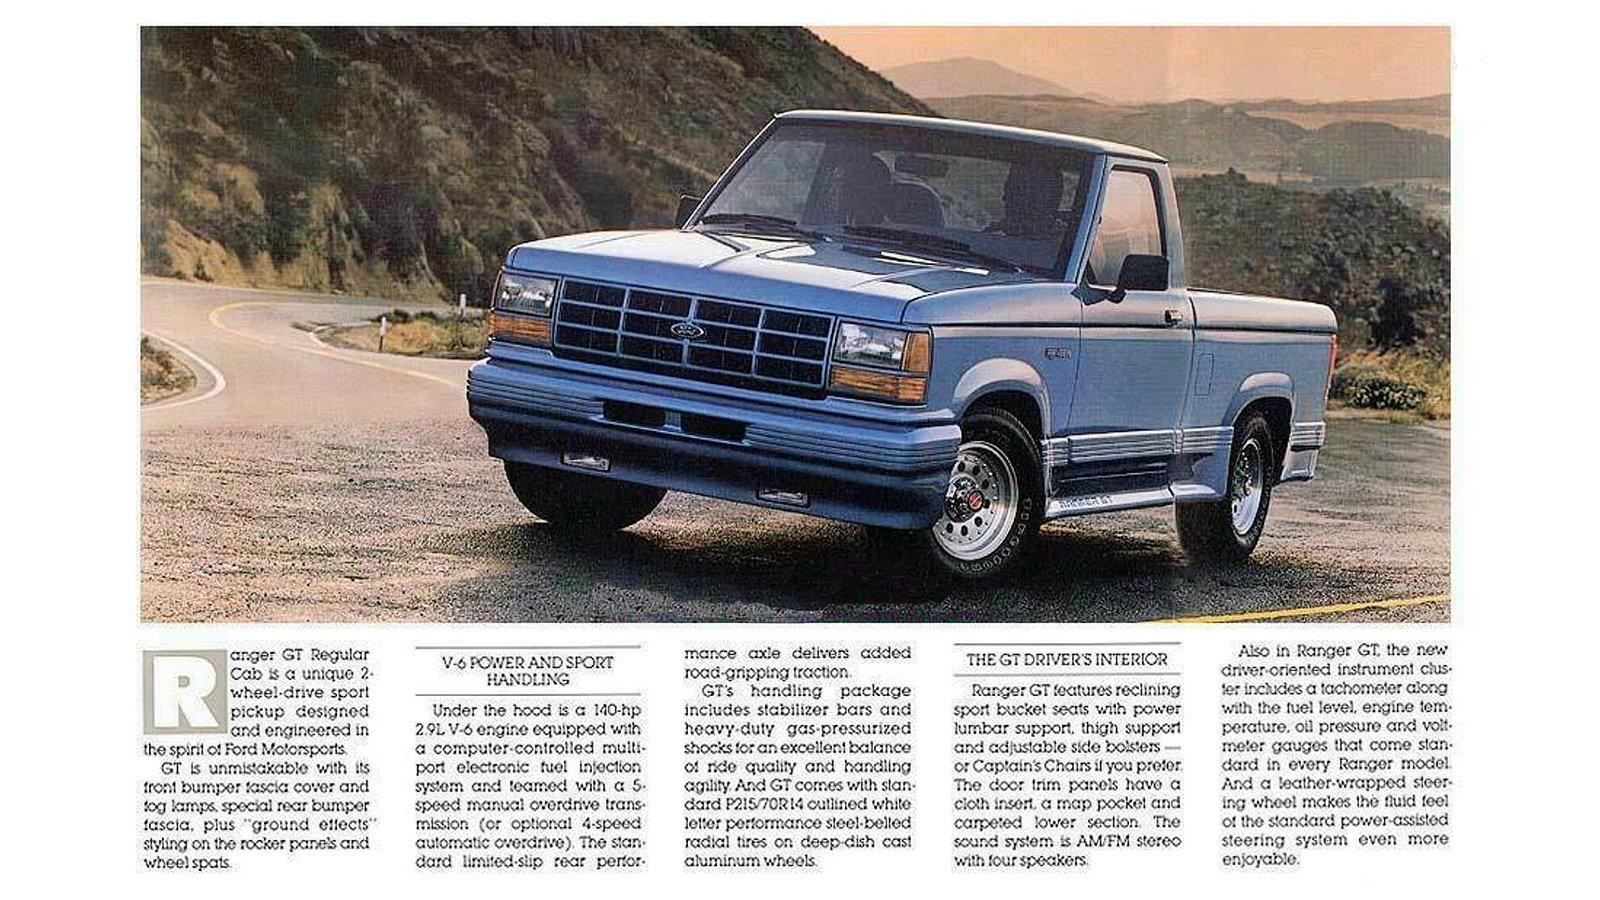 Ranger GT